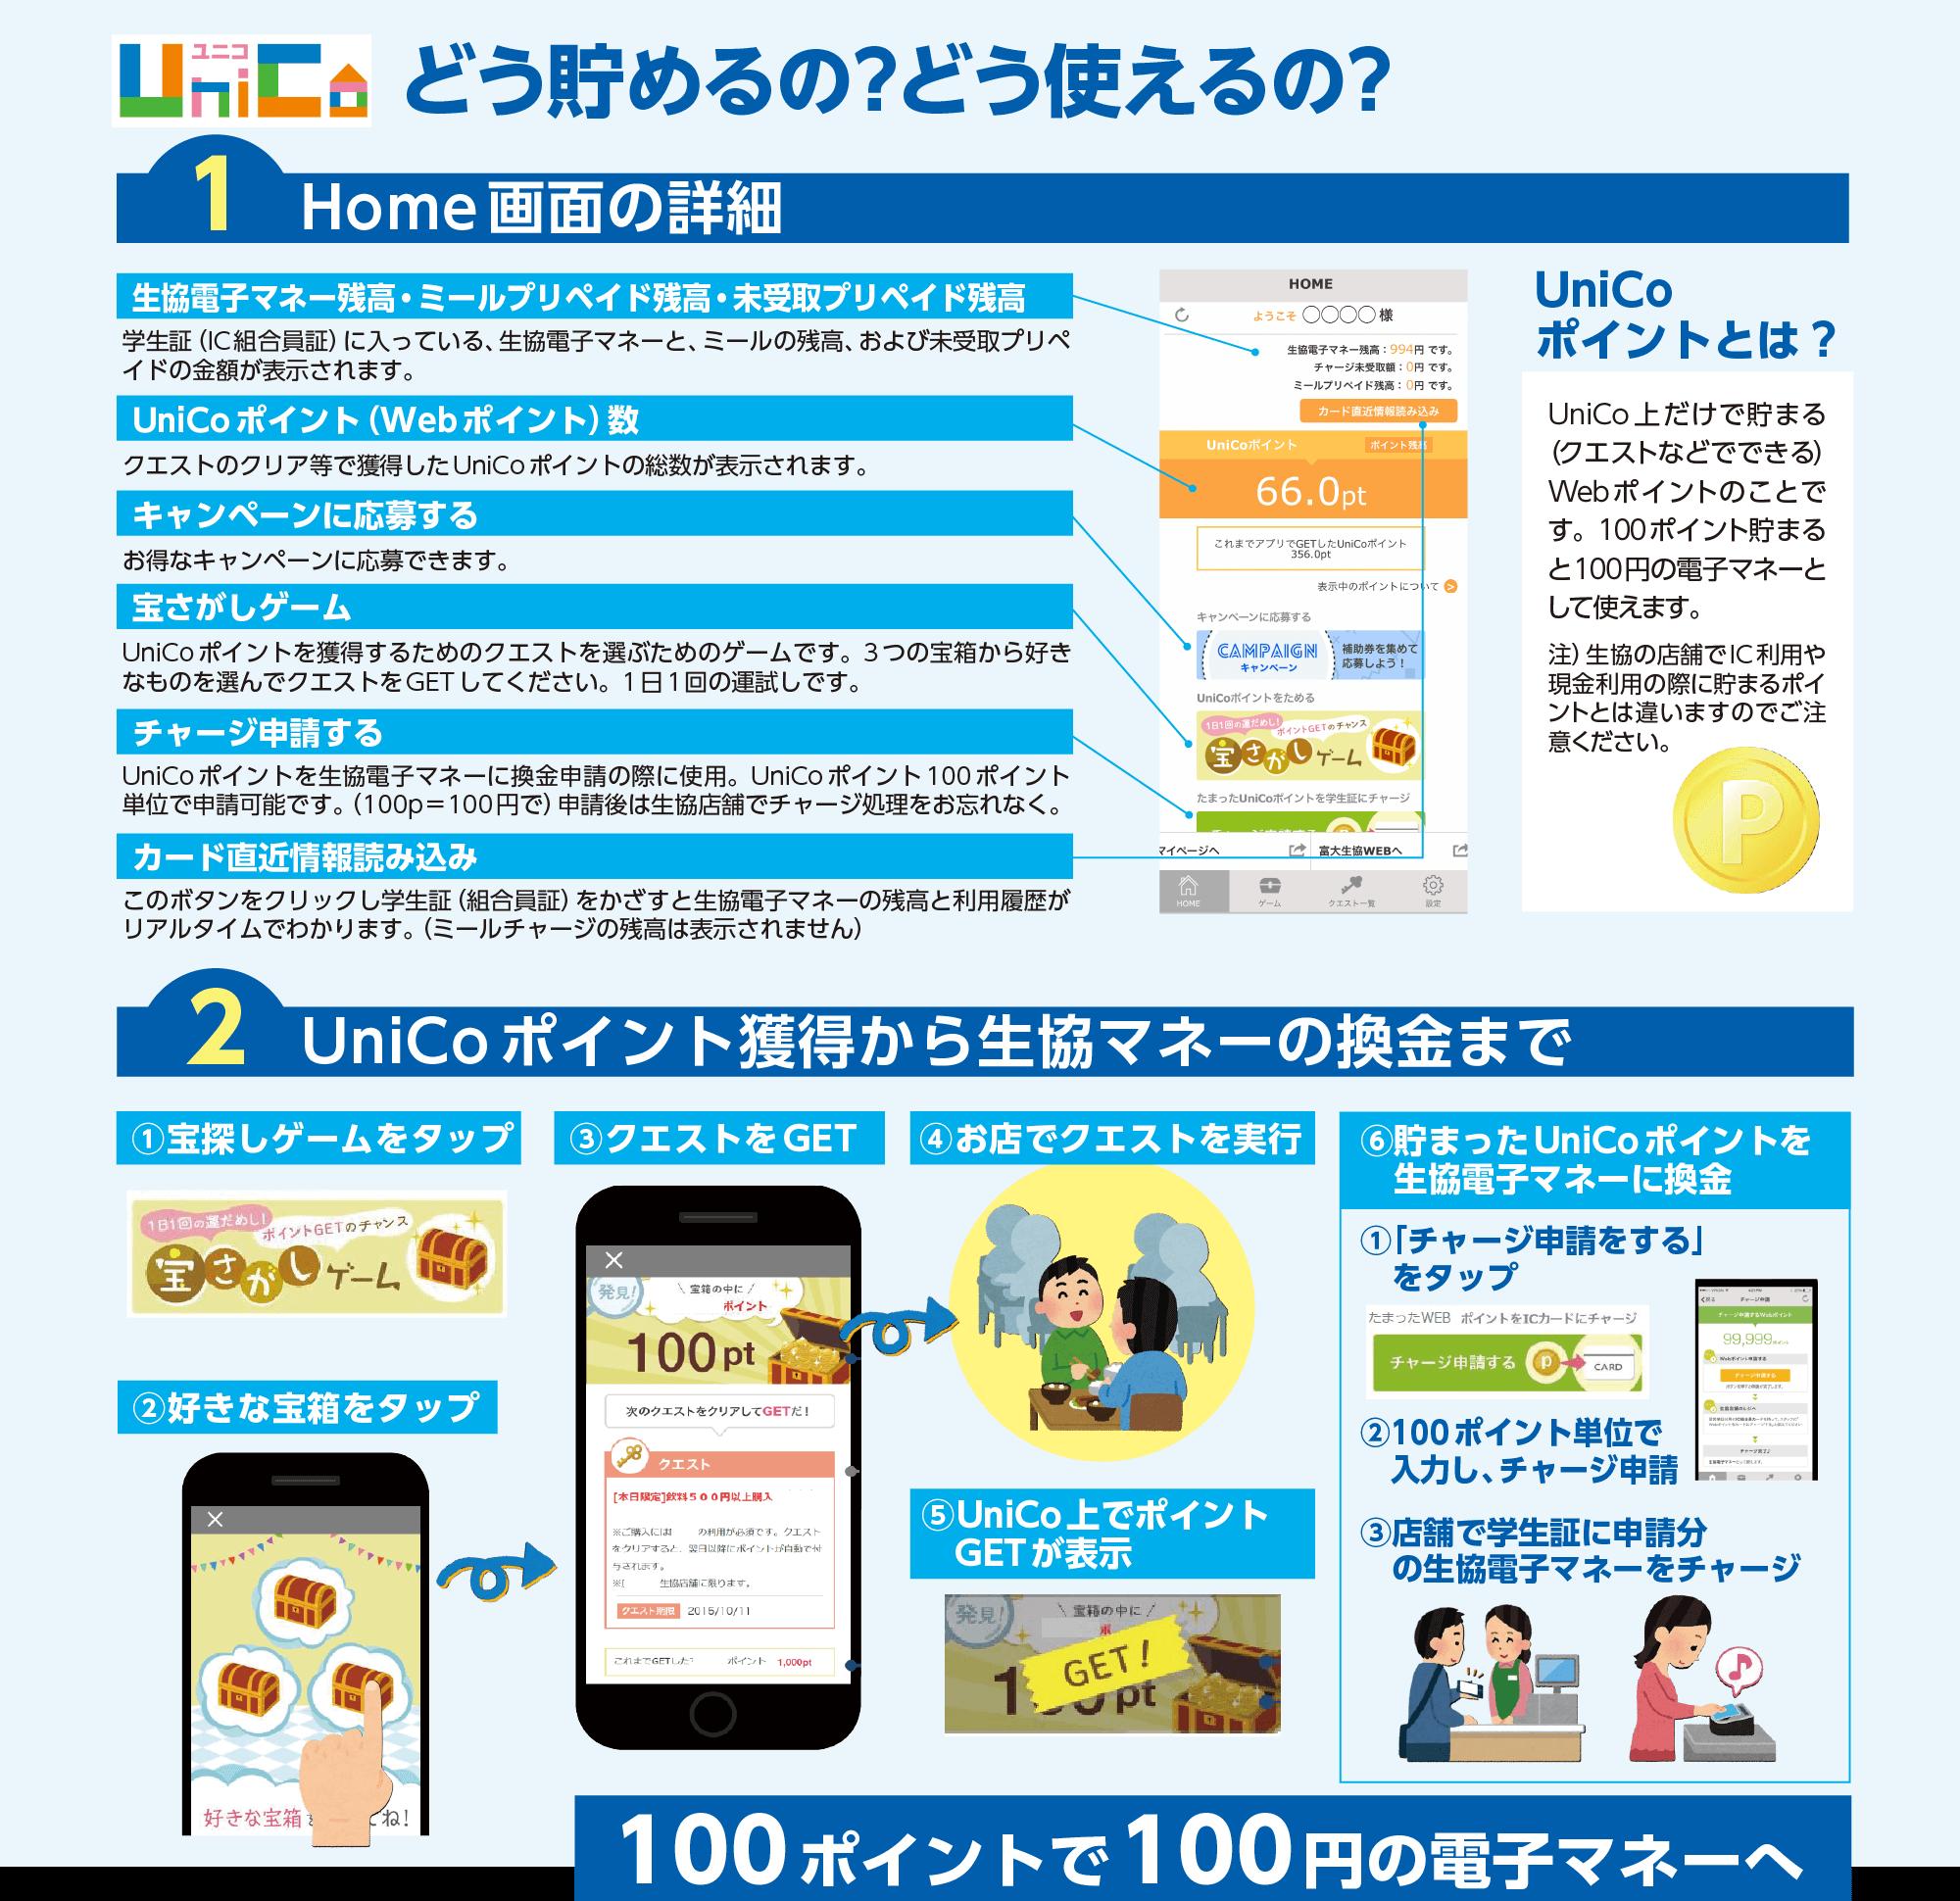 生協アプリ「UniCo」